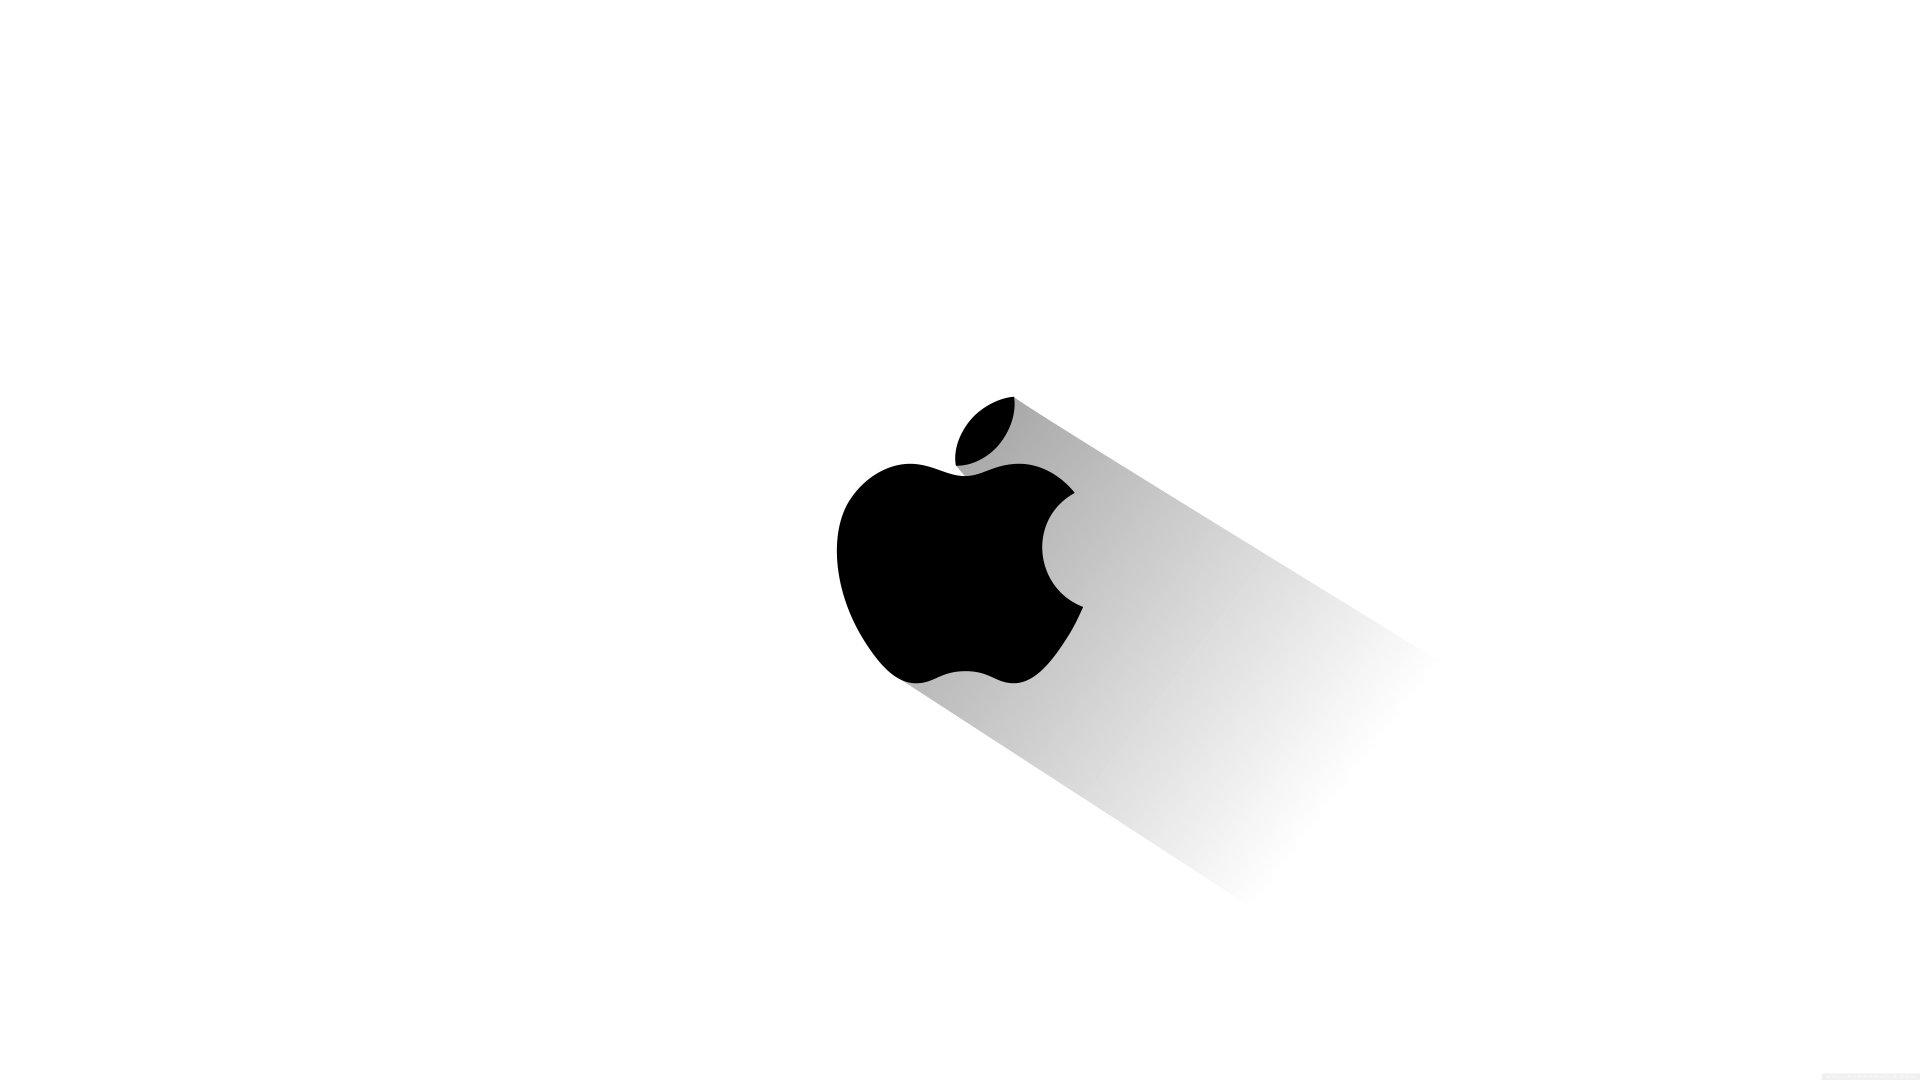 hình ảnh logo Apple là thương hiệu sản phẩm iPhone hay MacBook số 26